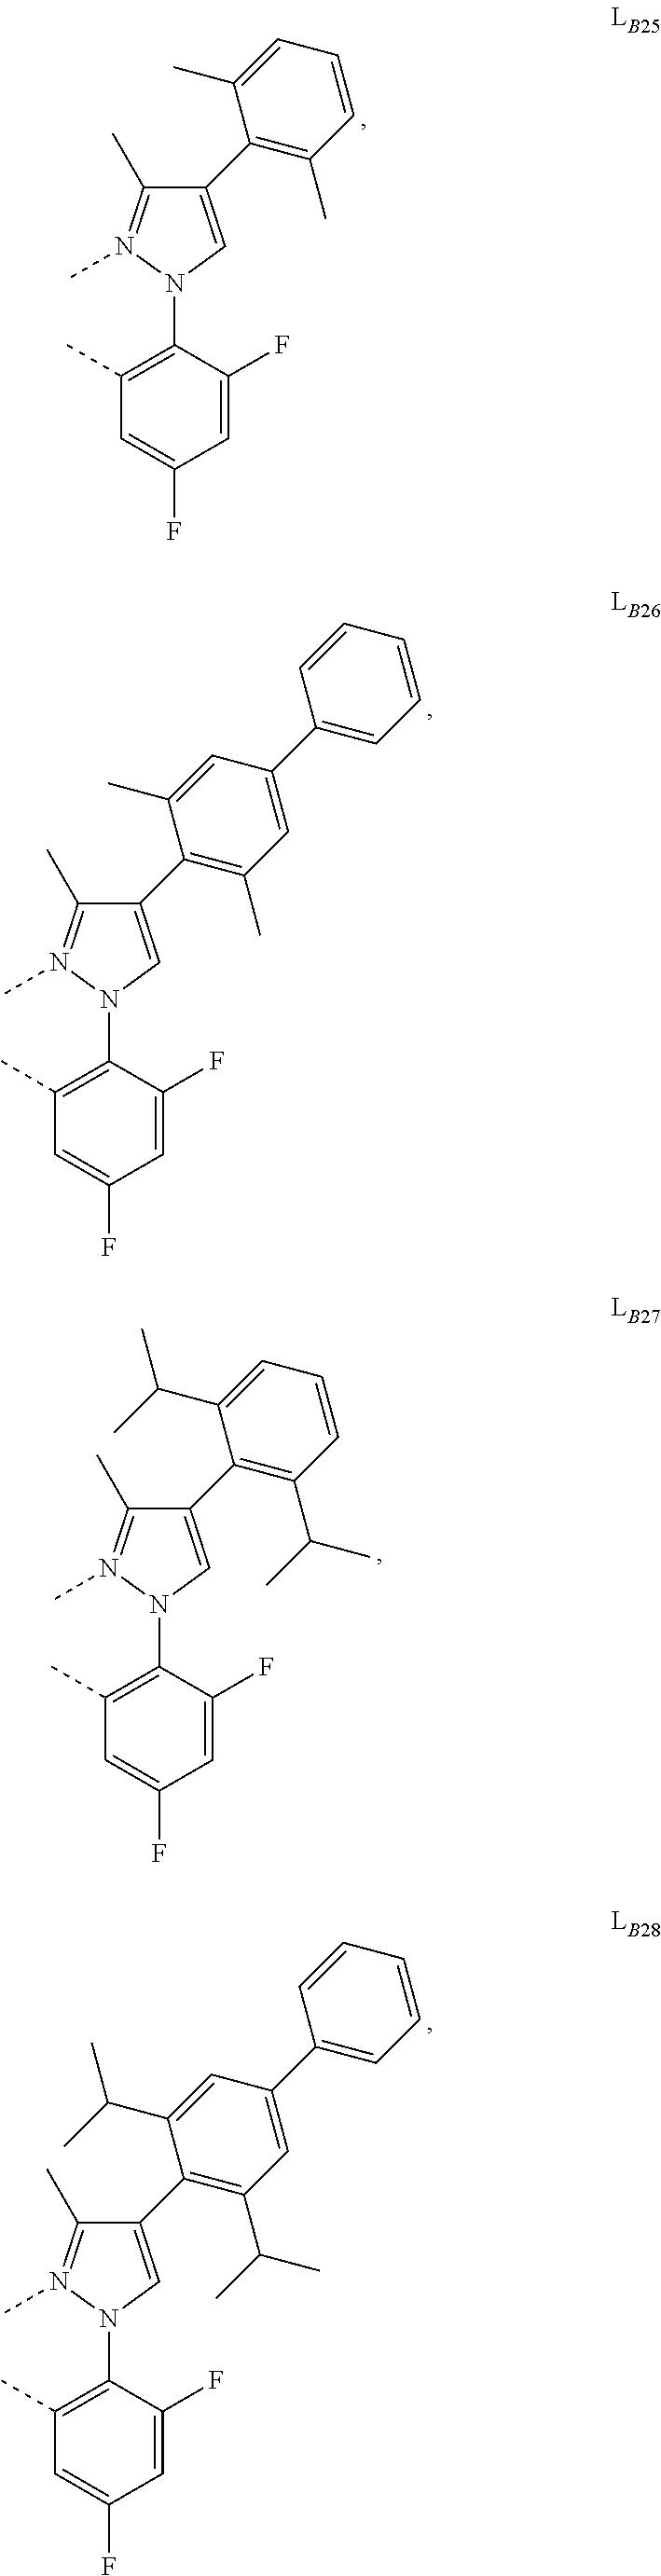 Figure US09905785-20180227-C00503